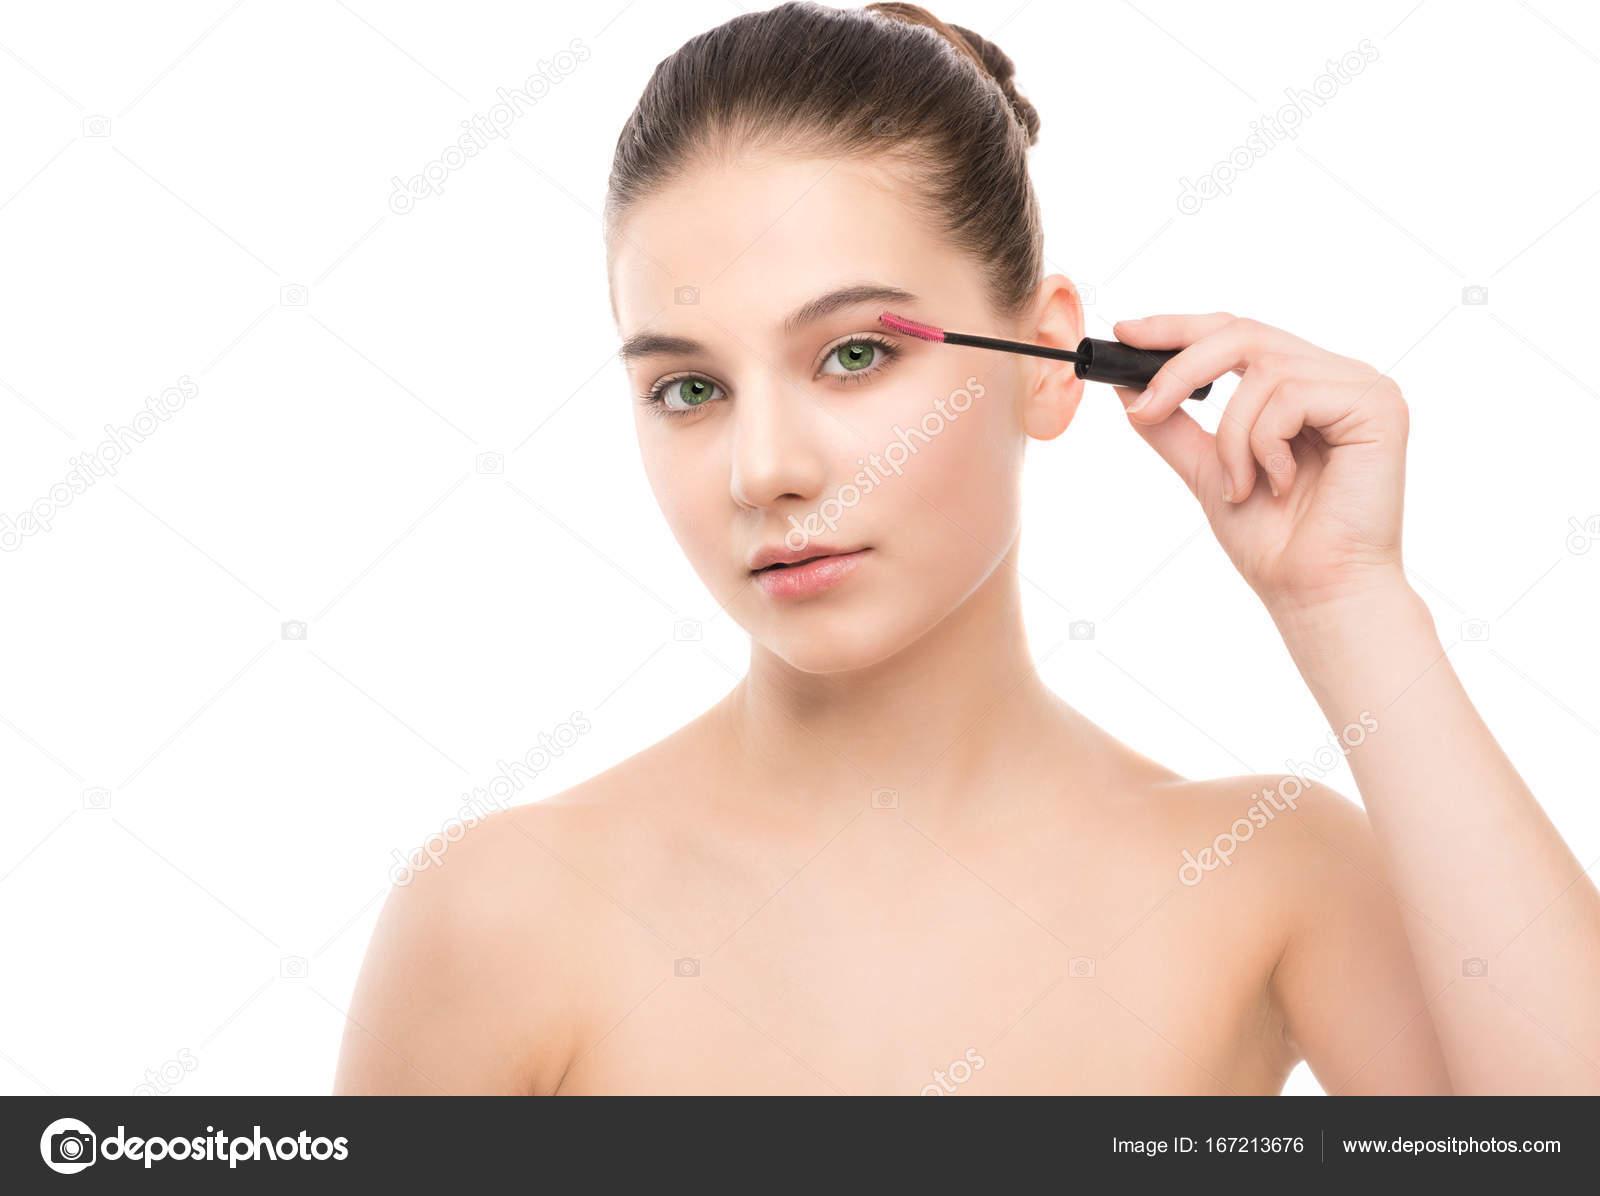 Cildinizi Makyaja Hazırlamak İçin Ne Kullanılmalıdır